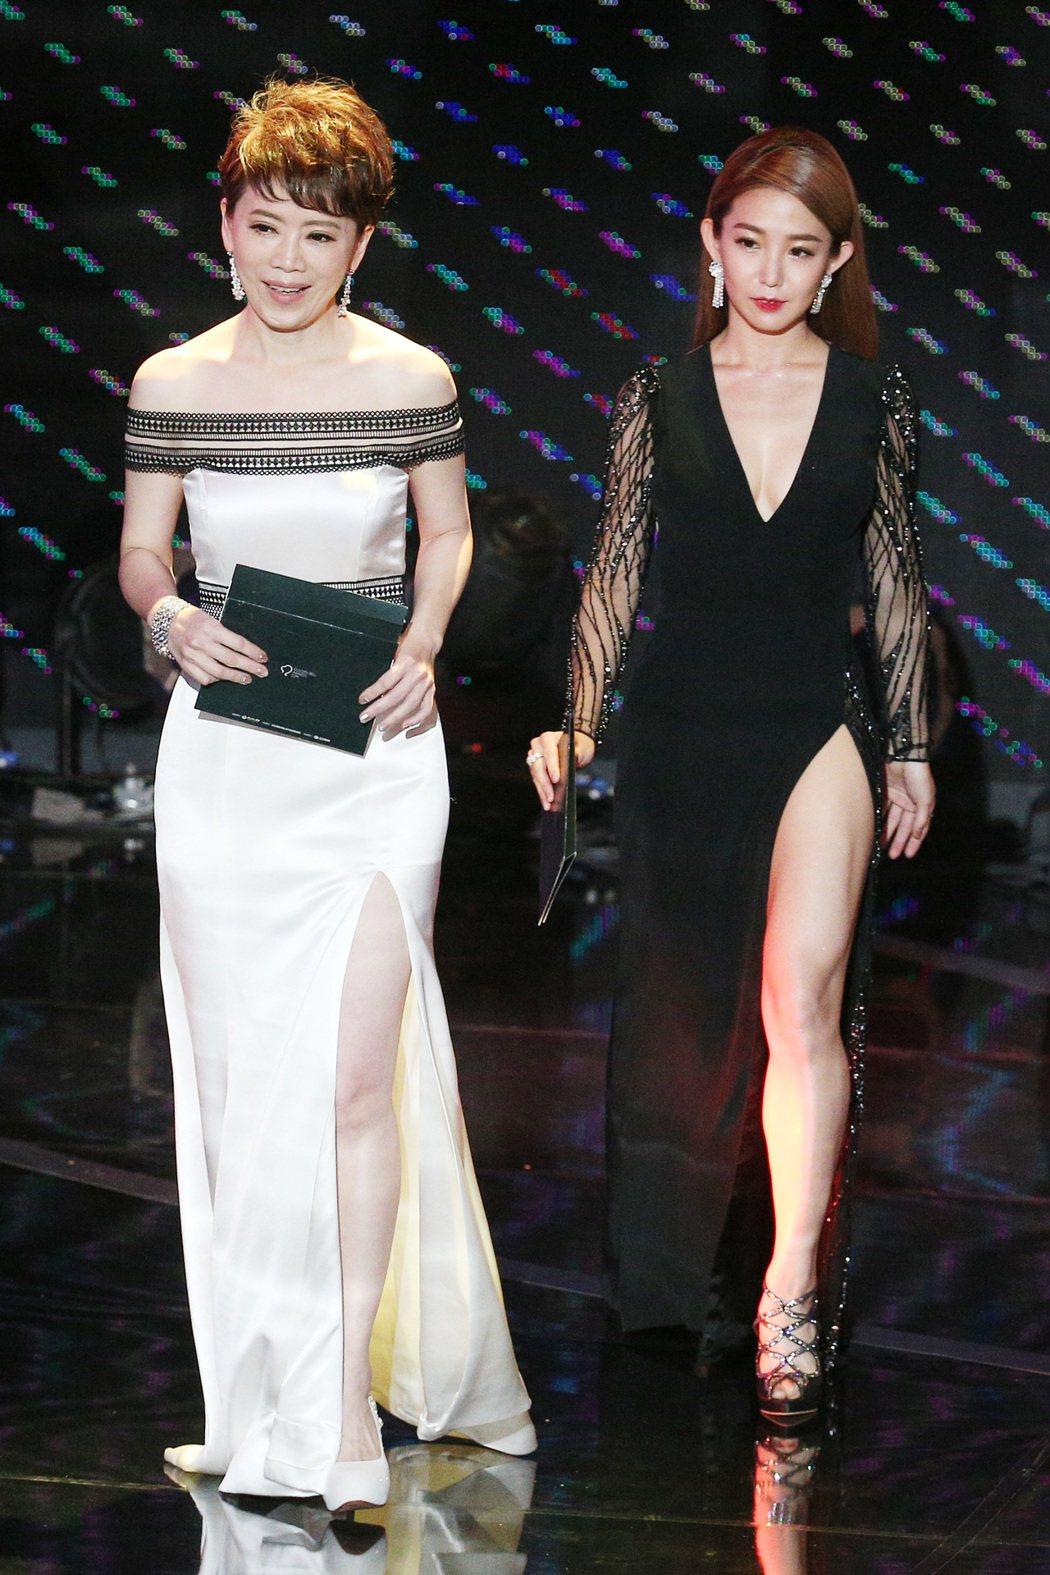 第52屆金鐘獎頒獎典禮在國父紀念館舉行,陳雅琳(左)與郭書瑤搭檔頒獎。記者林伯東...